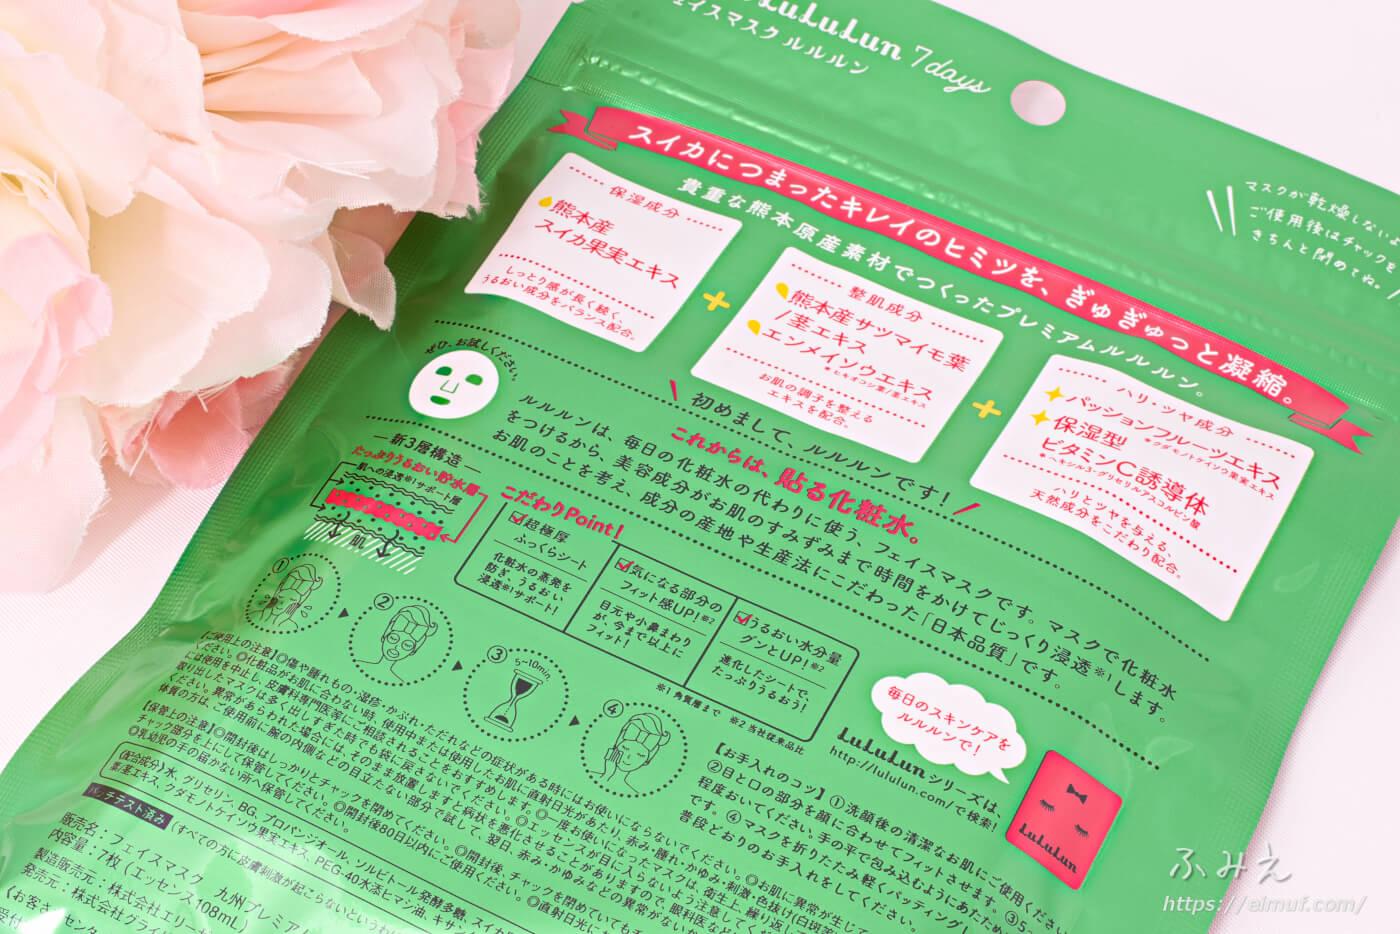 九州のプレミアムルルルン(スイカの香り) 7枚入りパッケージ裏面